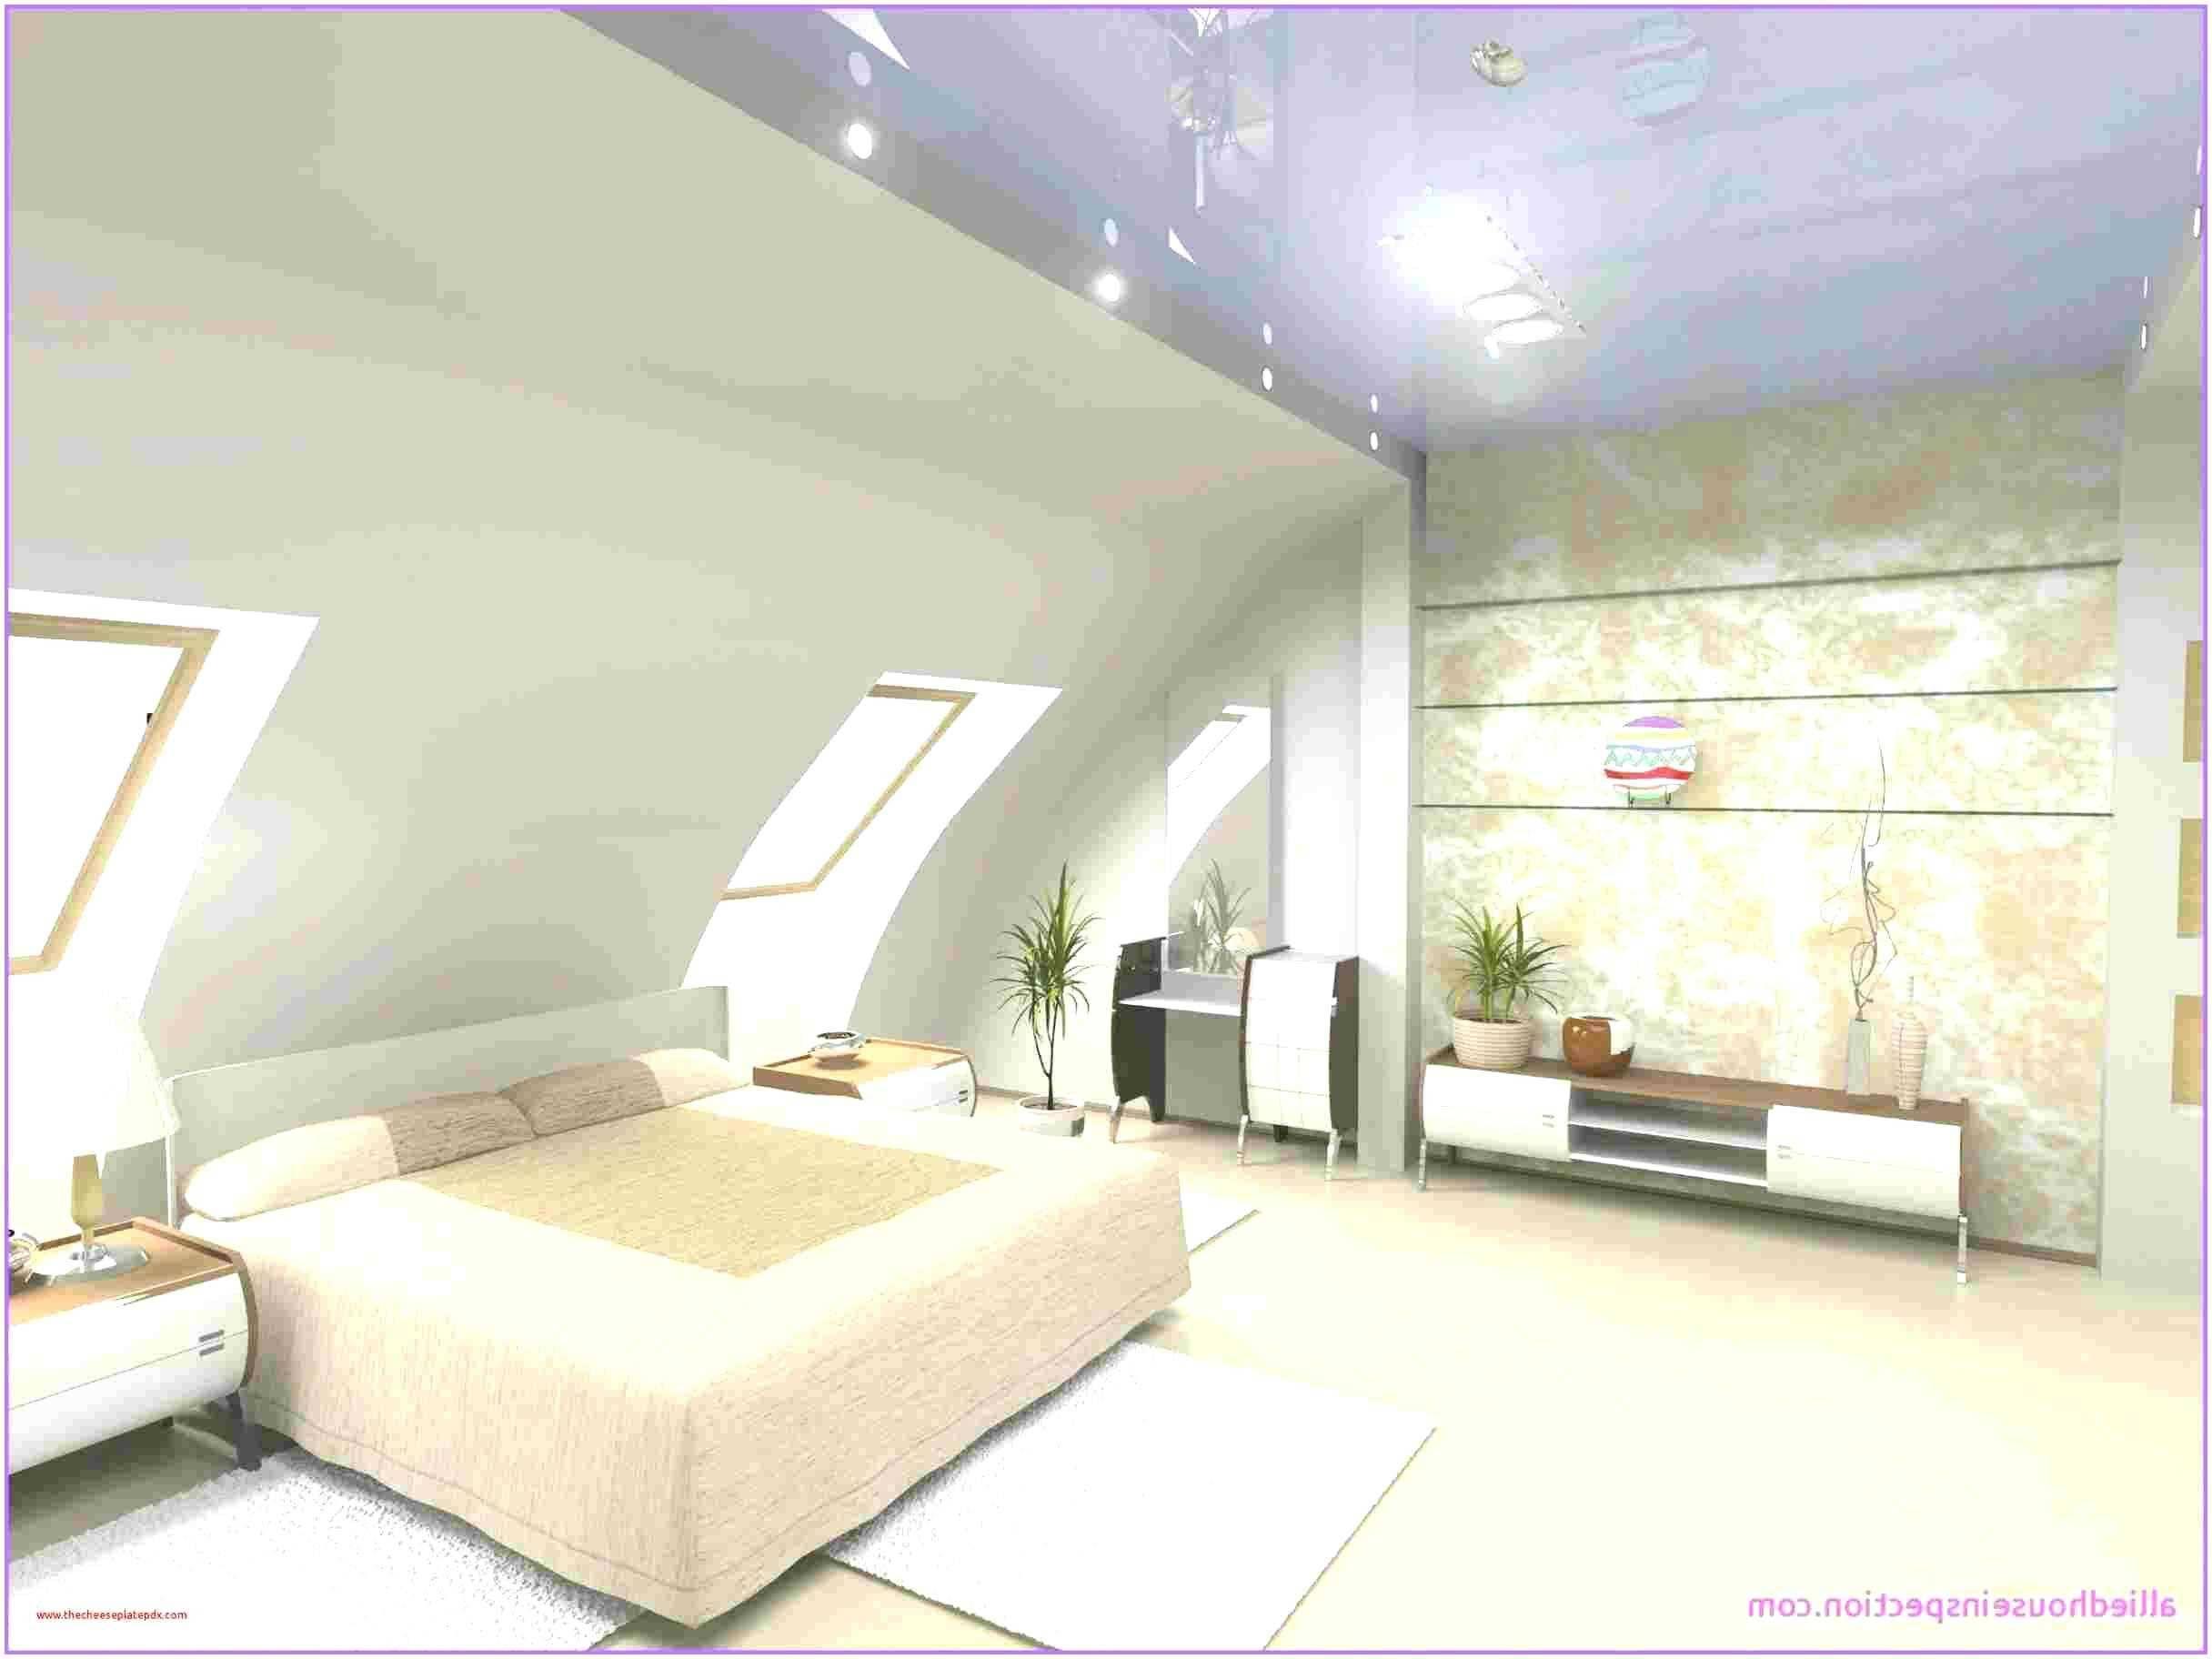 wohnzimmer regale design beautiful tolle 29 von wohnen und deko hauptideen of wohnzimmer regale design